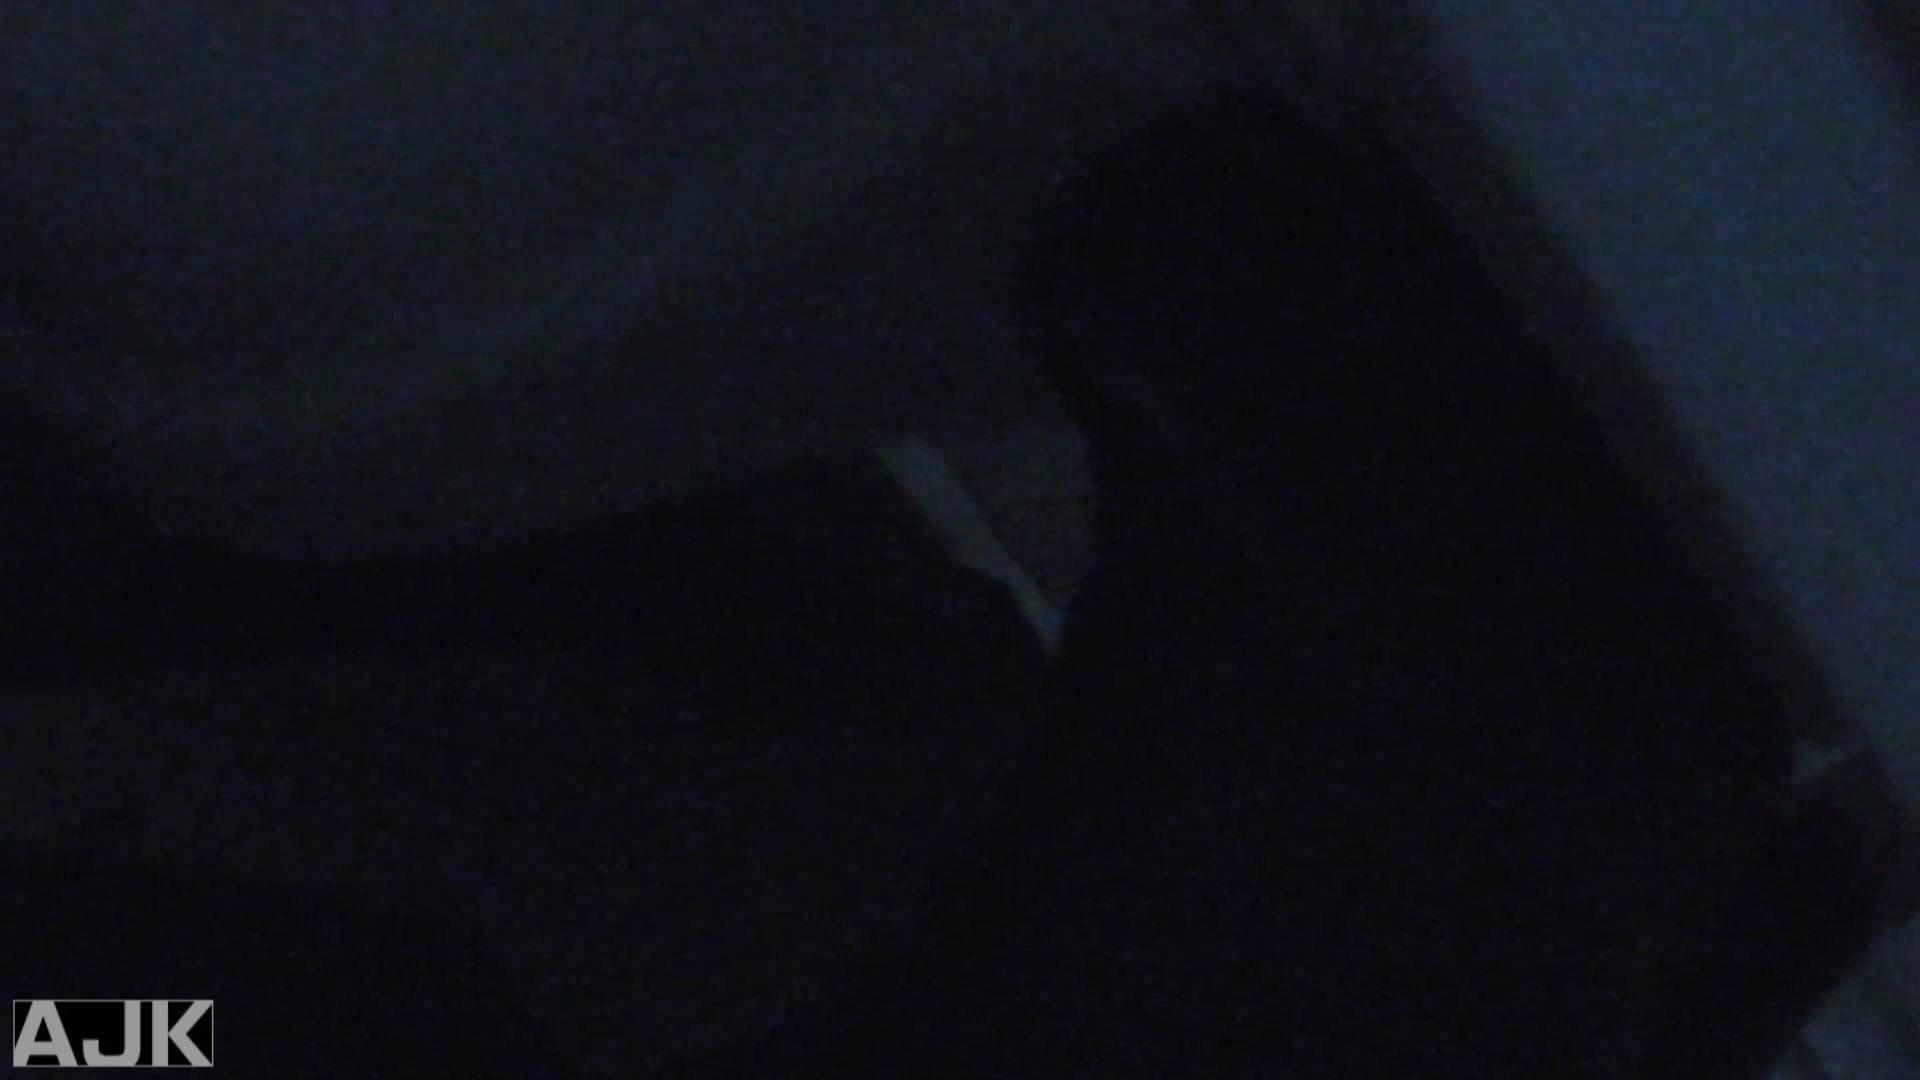 神降臨!史上最強の潜入かわや! vol.05 盗撮 オマンコ無修正動画無料 81画像 38